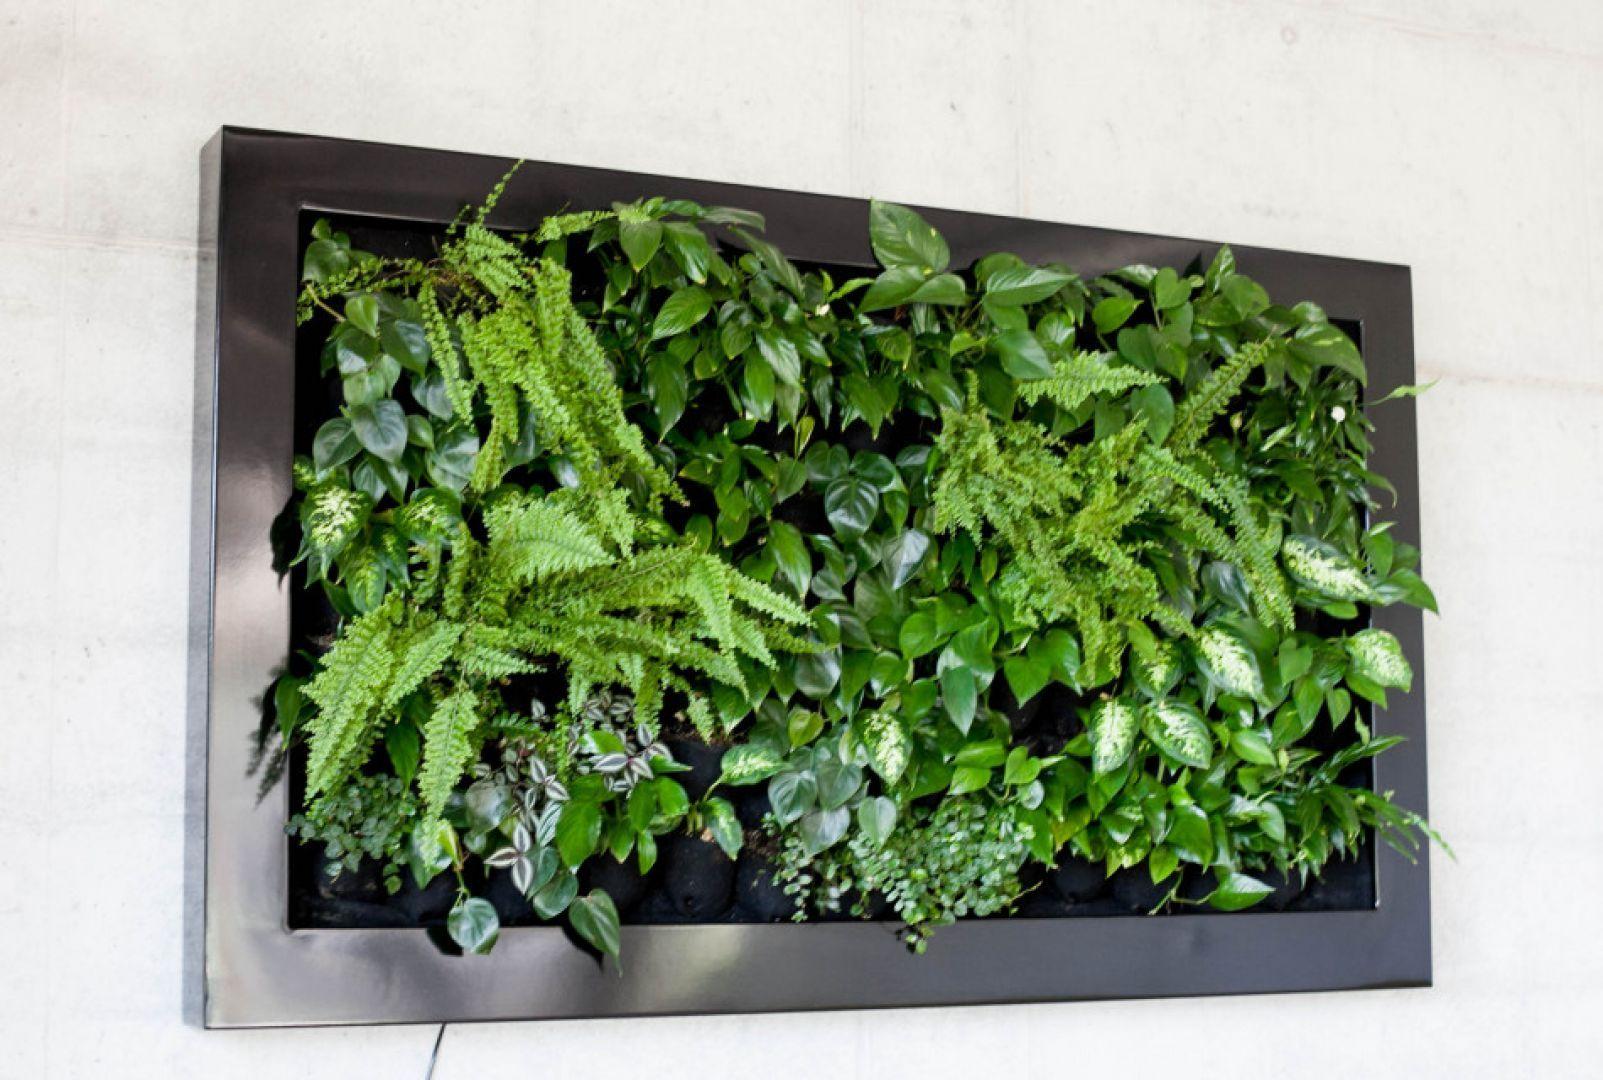 Zielony obraz - pomysł na miniogród wertykalny na ścianie. Realizacja firmy Hadart. Fot. Hadart